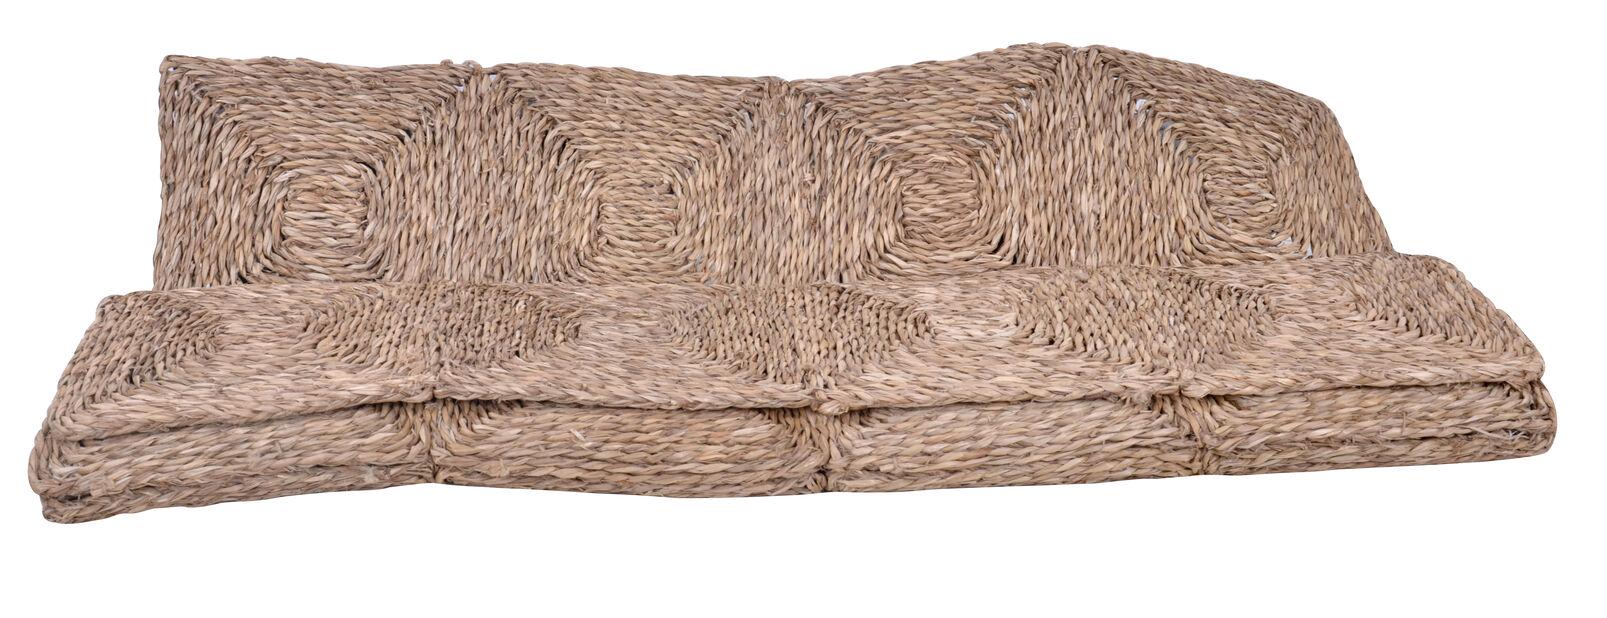 Sjögräsmatta, Längd 180 cm, Beige